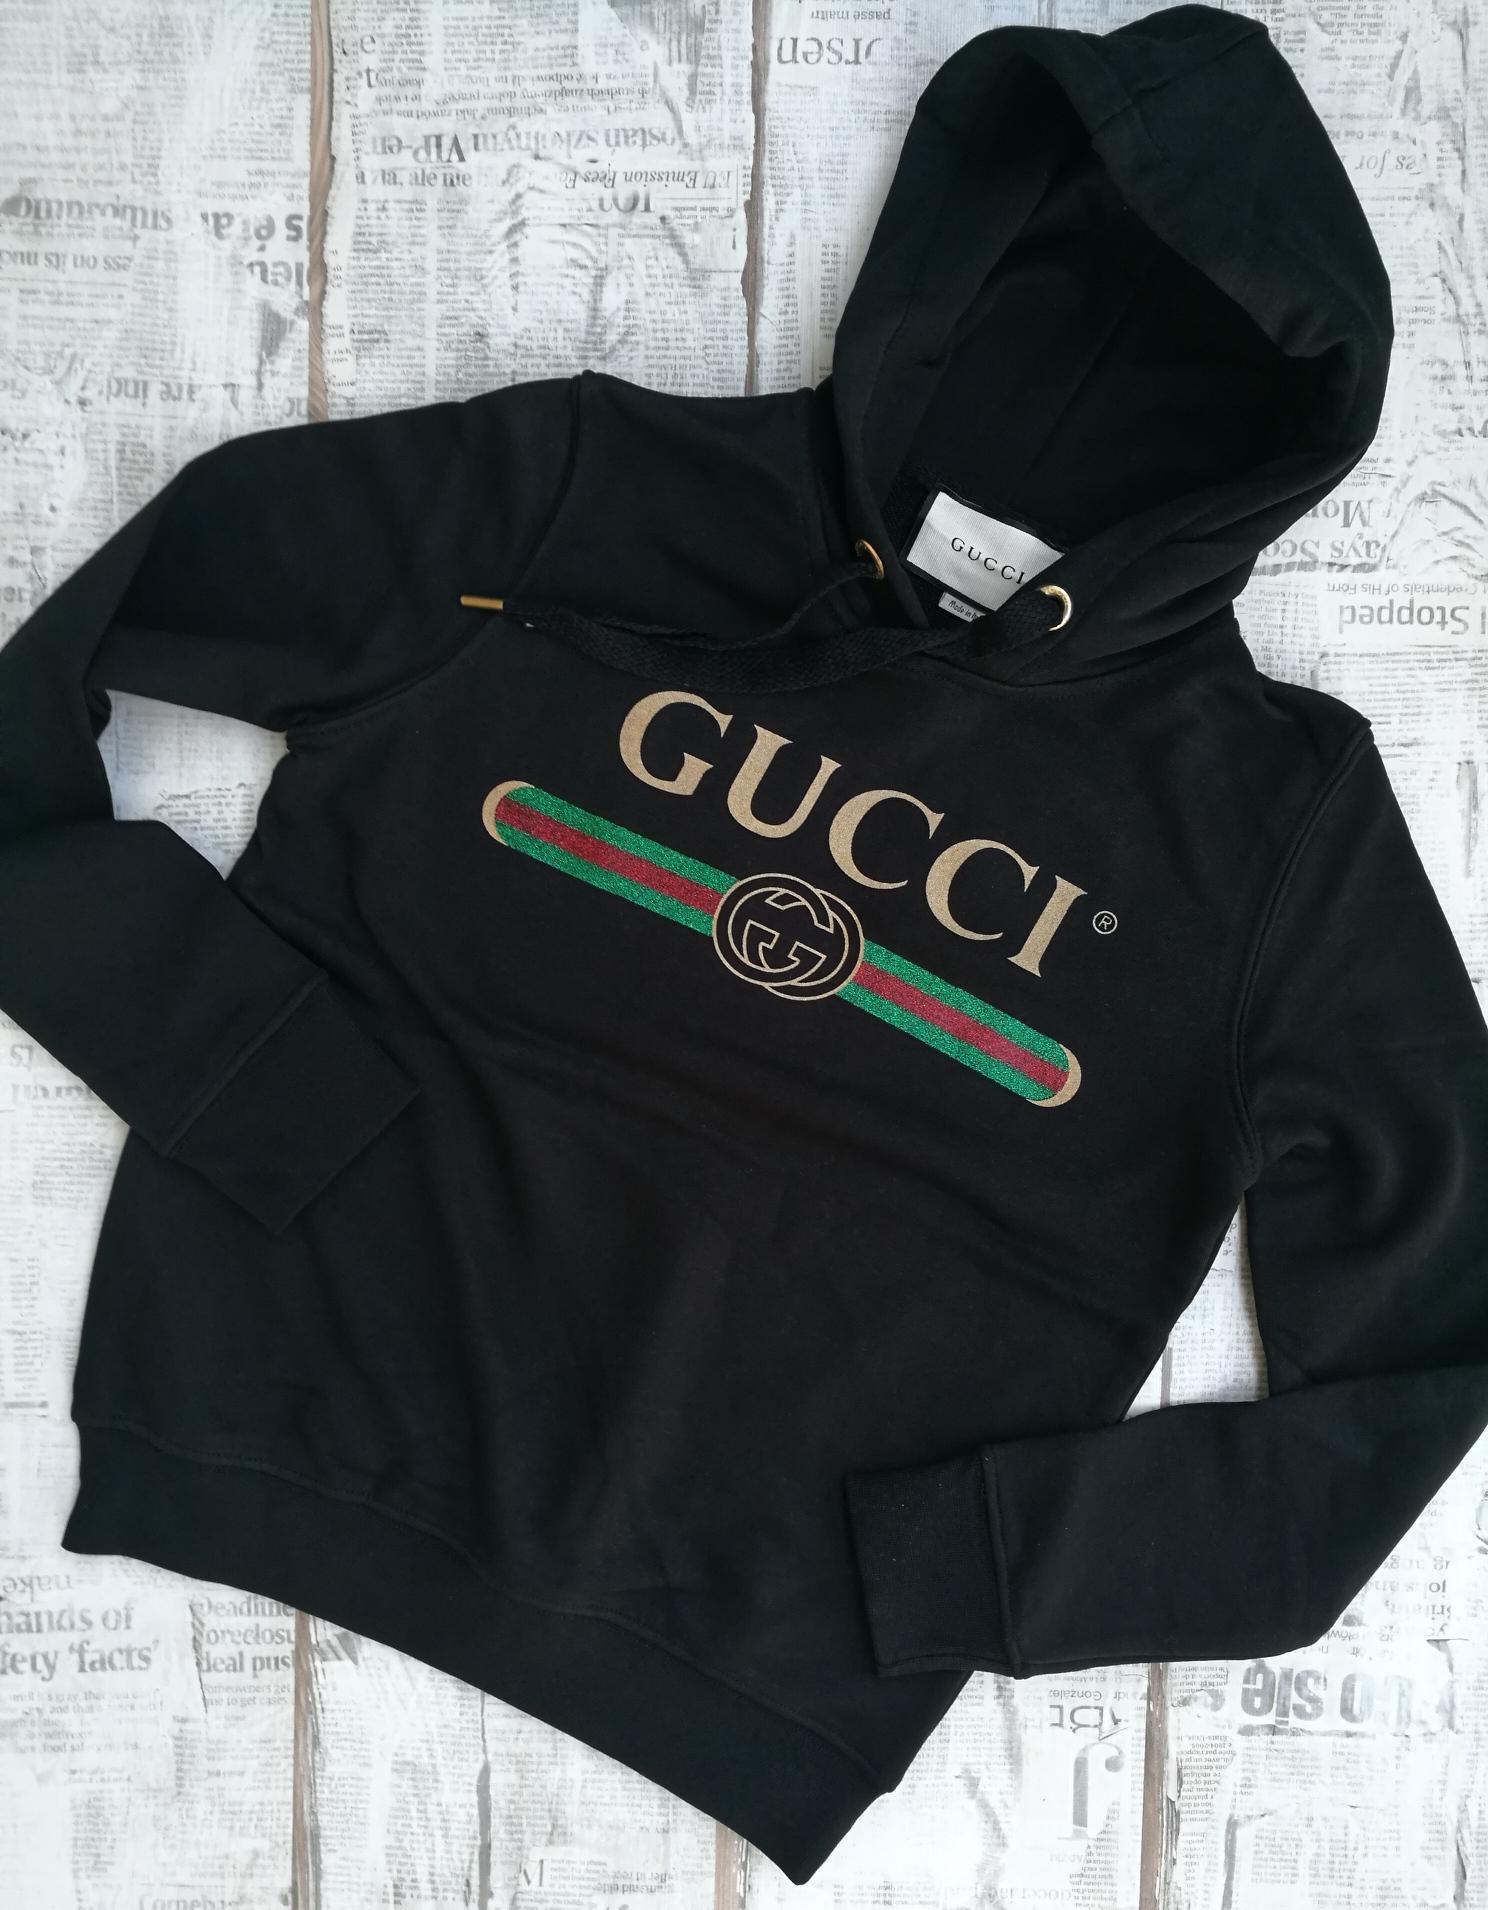 7b257165 Gucci Women's Hooded Gucci Logo Cotton Sweatshirt